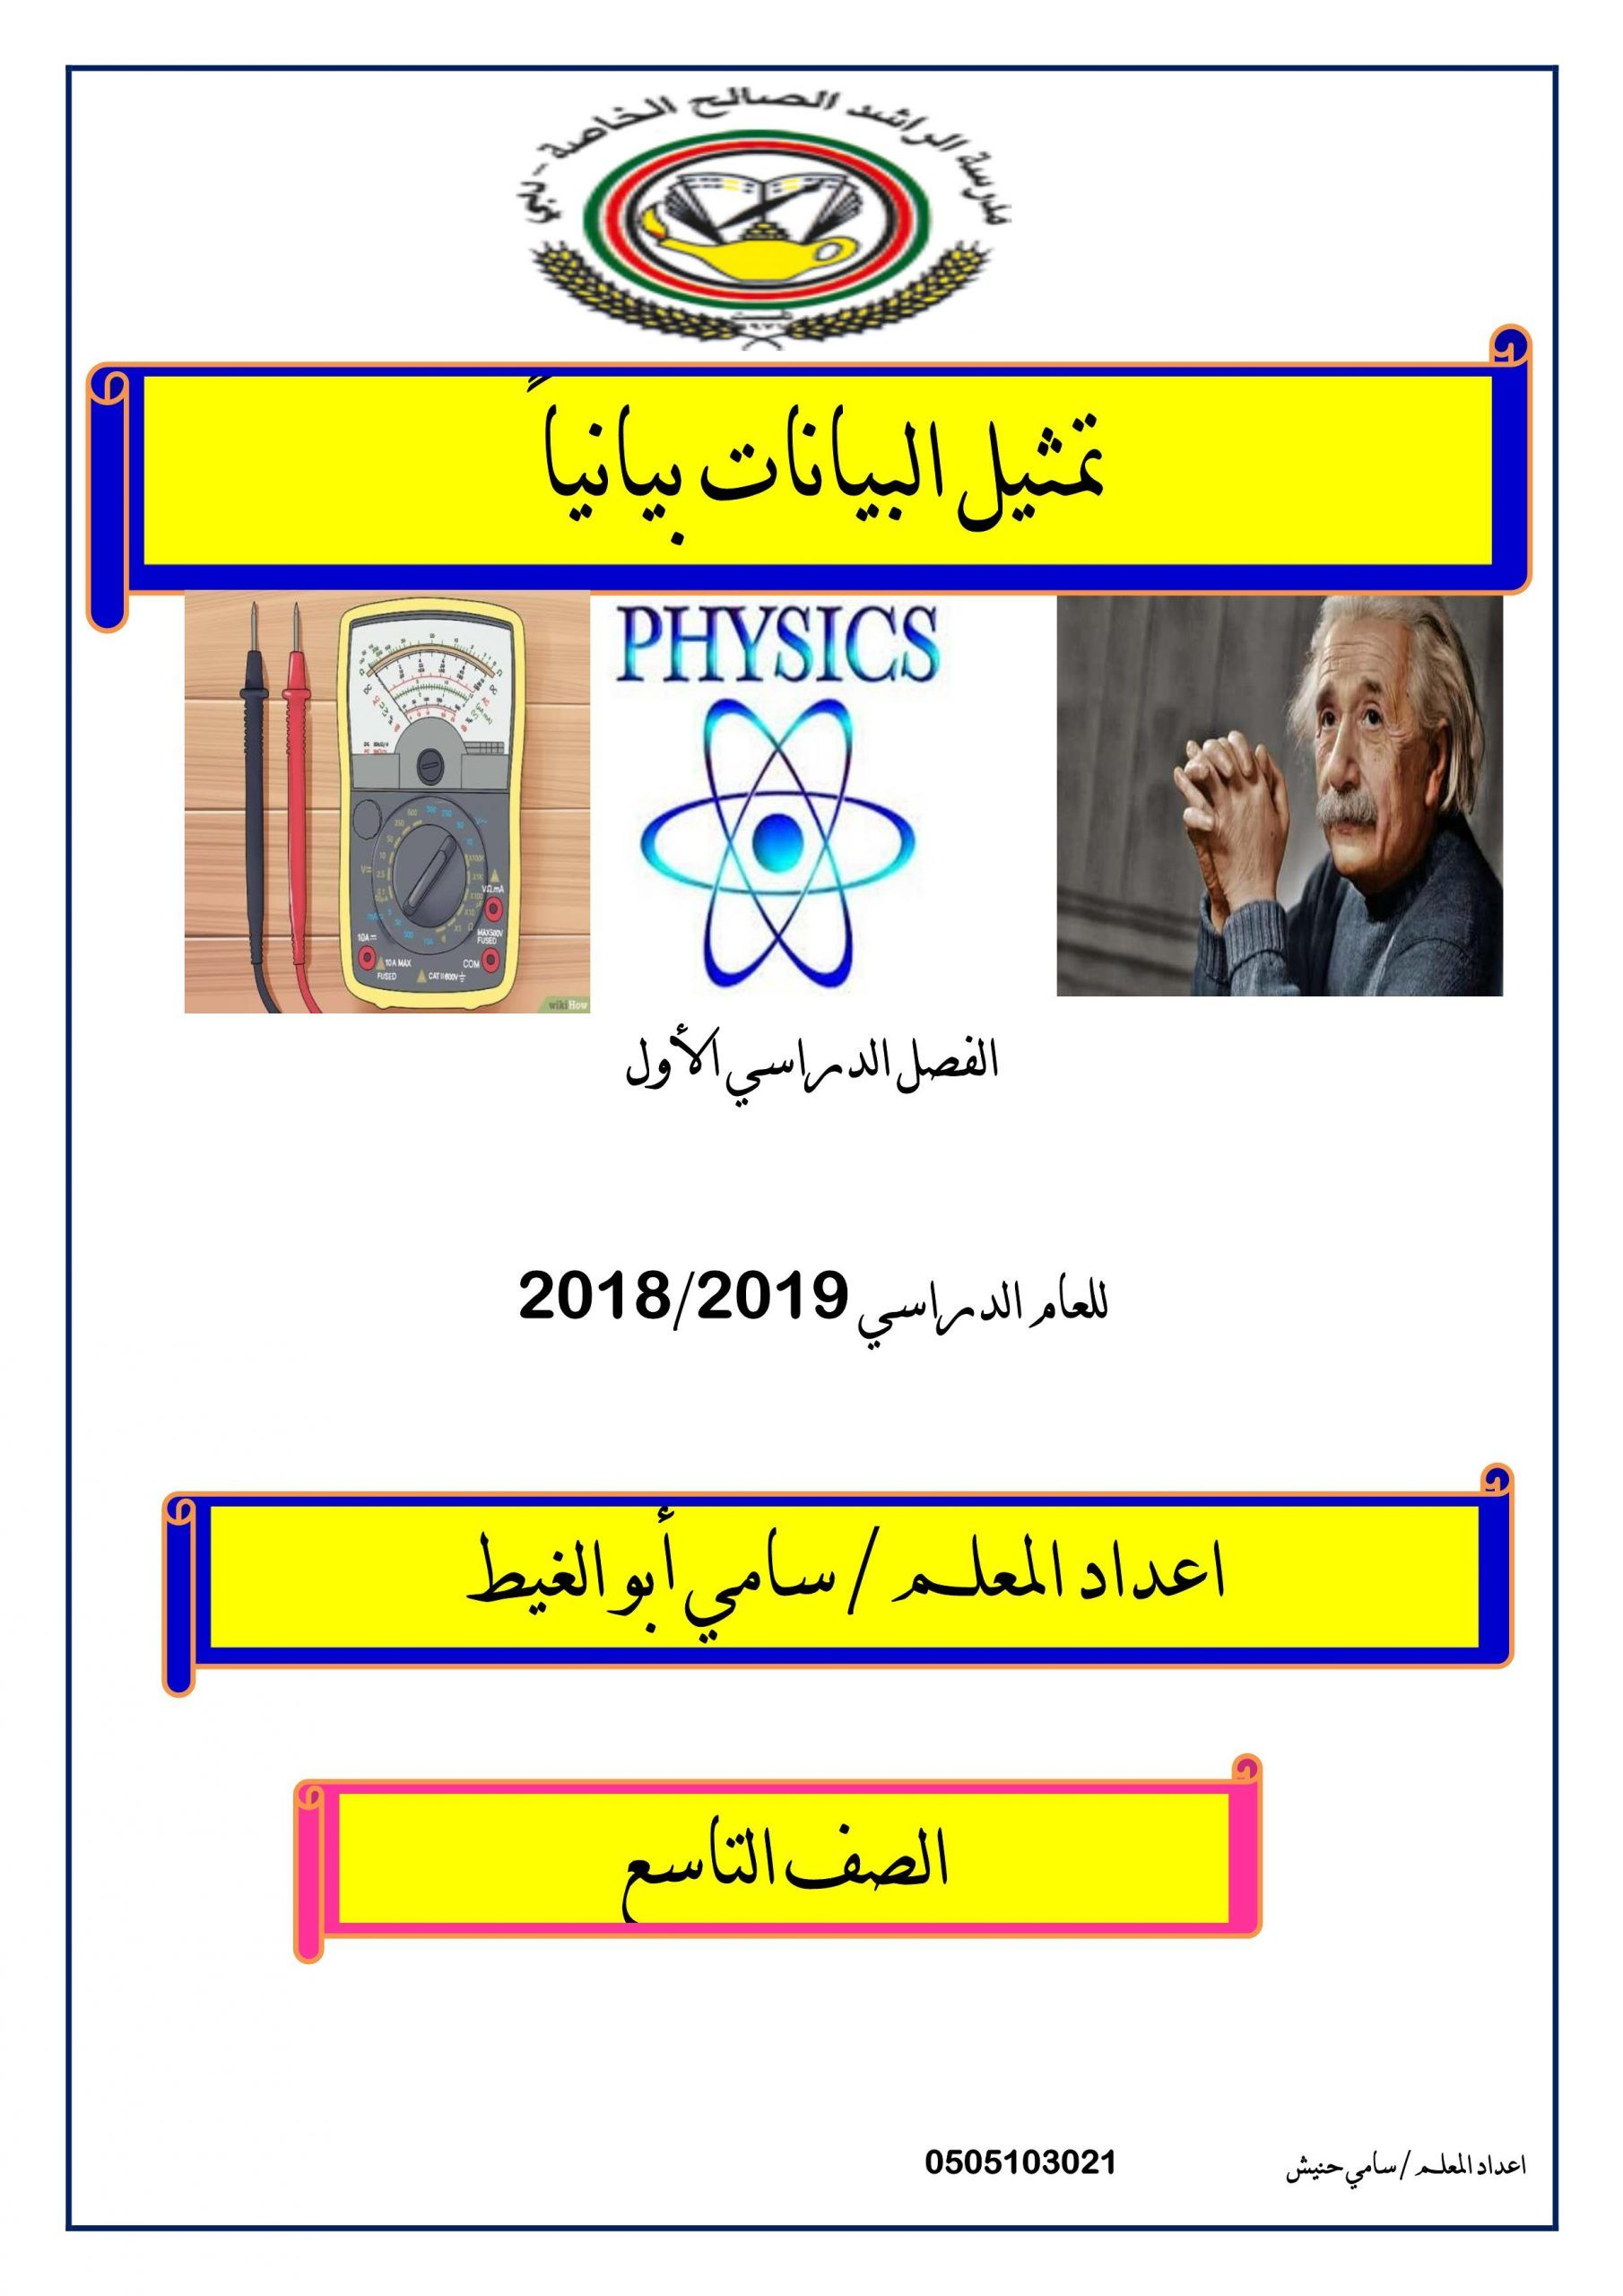 ملخص درس تمثيل البيانات بيانيا الفصل الدراسي الاول الصف التاسع مادة الفيزياء Physics